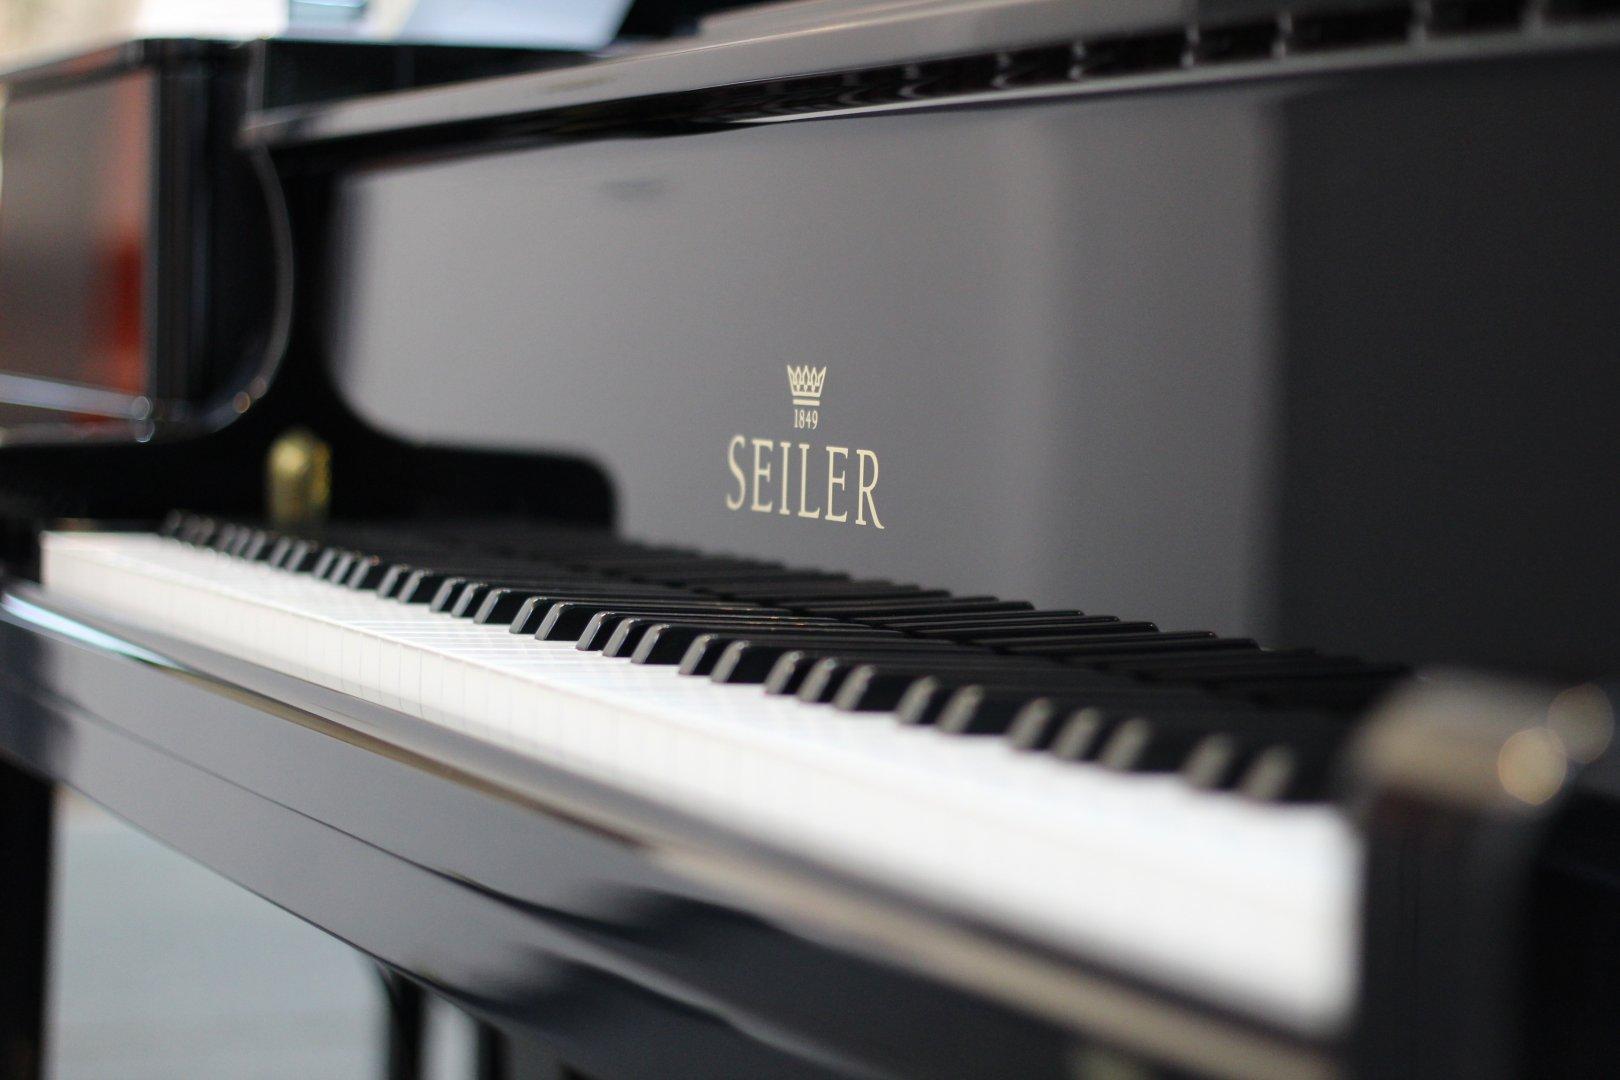 Seiler 186 Maestro Bj.2008 von 2008 in Schwarz glänzend